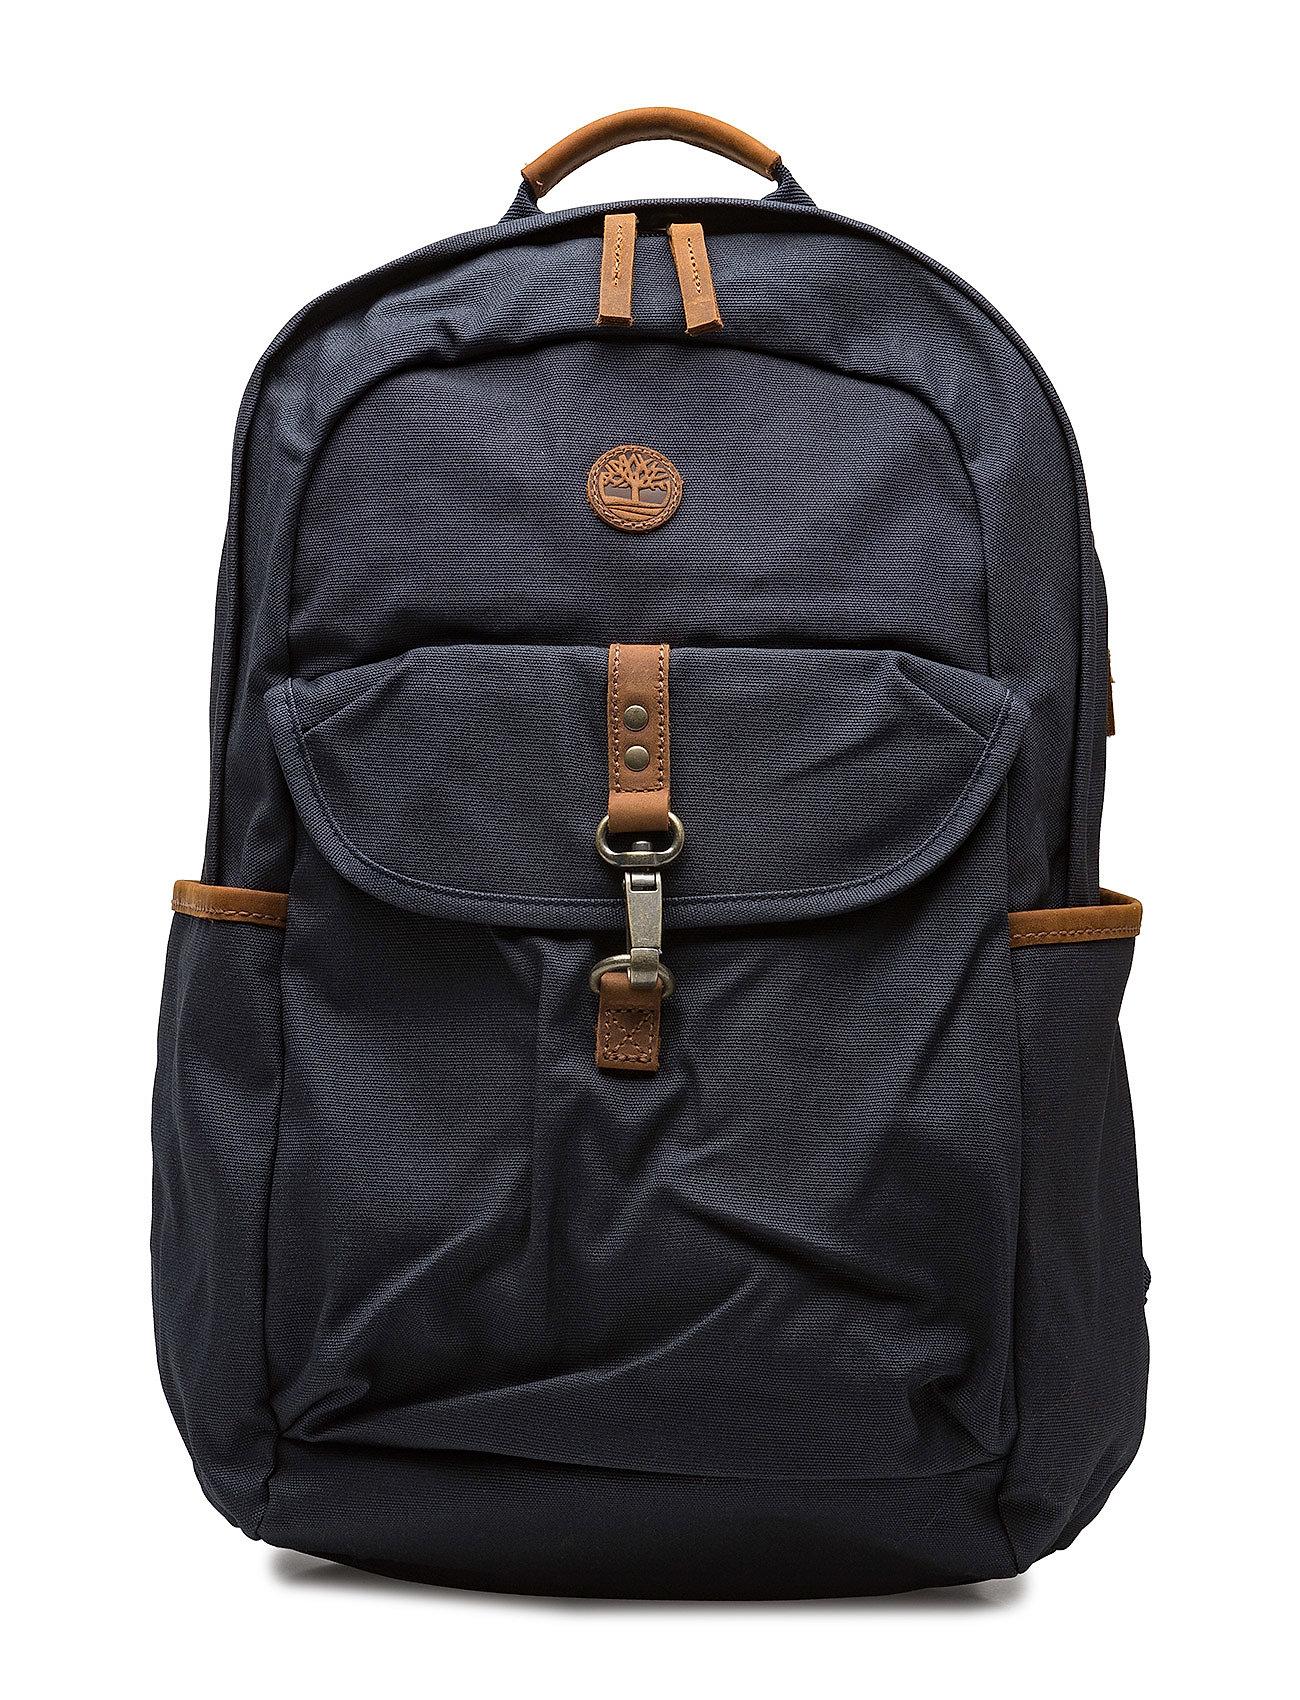 20l backpack fra timberland på boozt.com dk